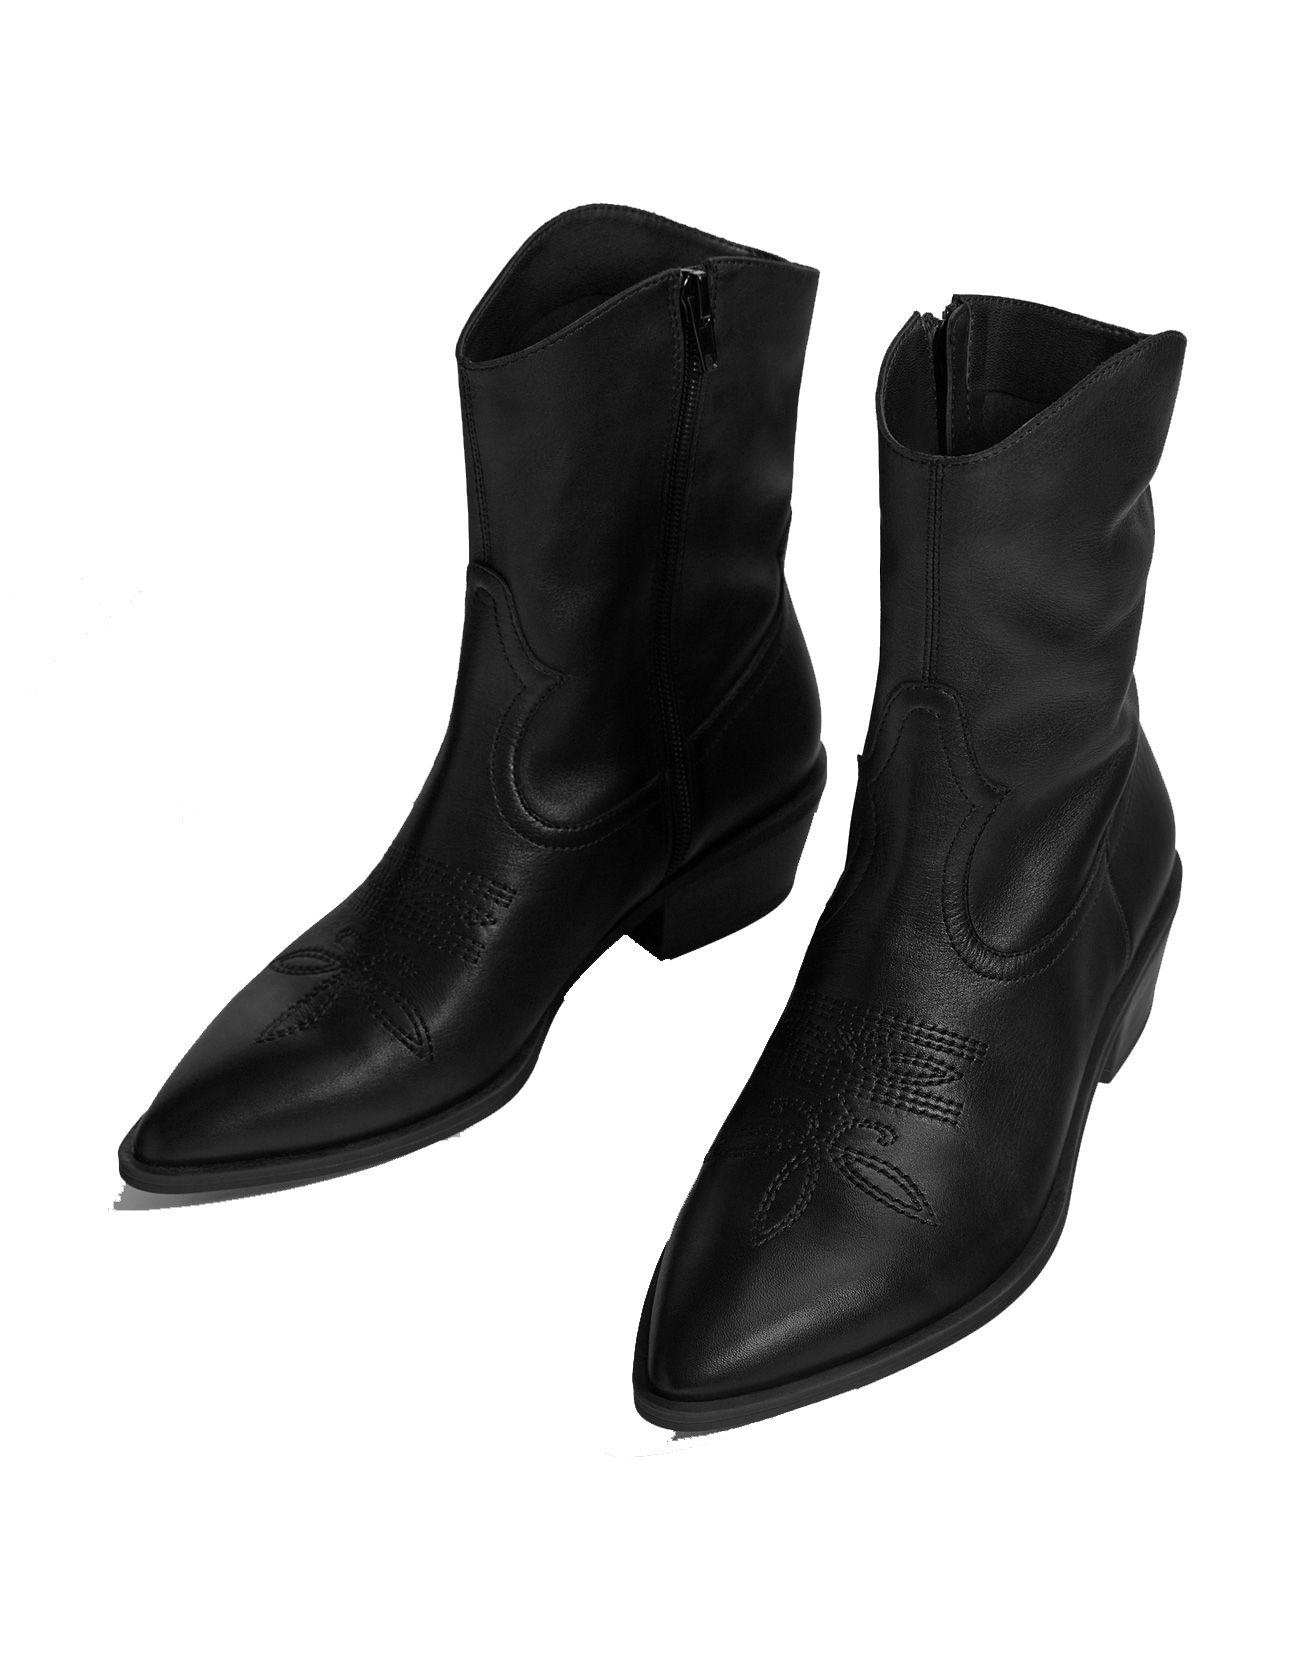 1fea2e140c2 Bershka y los botines cowboy cowboy cowboy negros  low cost  con una  creciente f21736